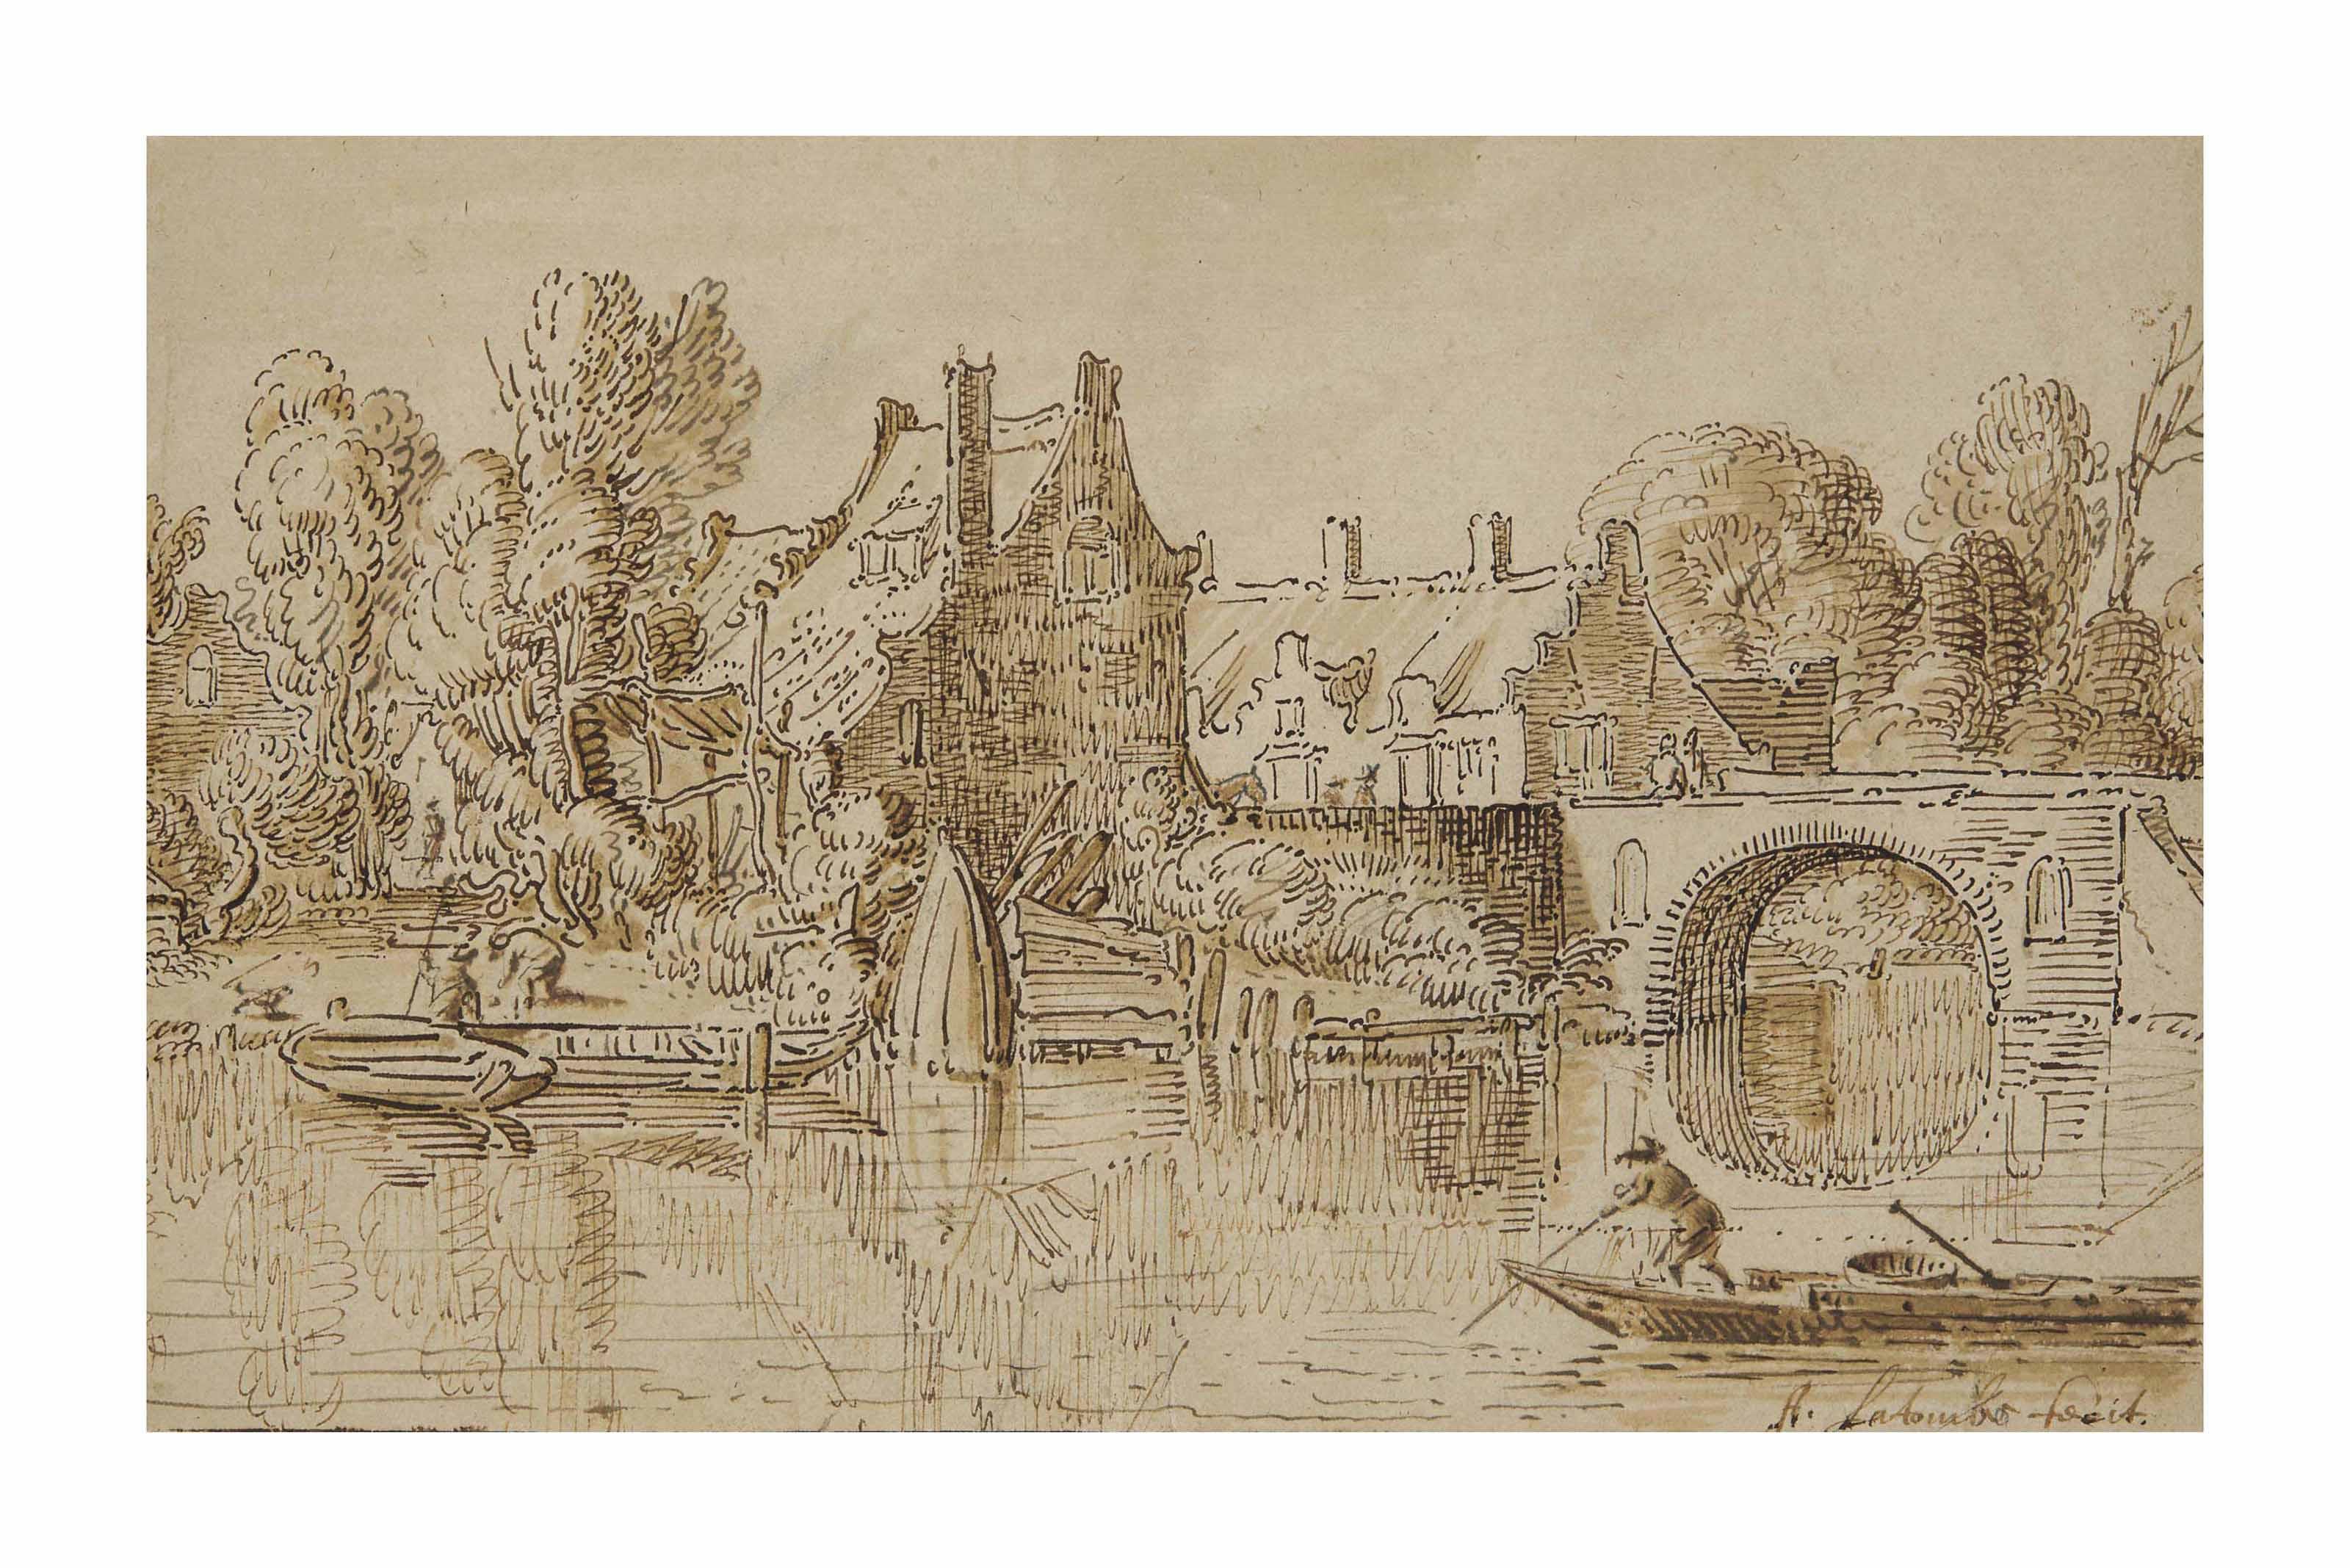 Barques sur une rivière, des habitations derrière, un pont à l'arrière-plan